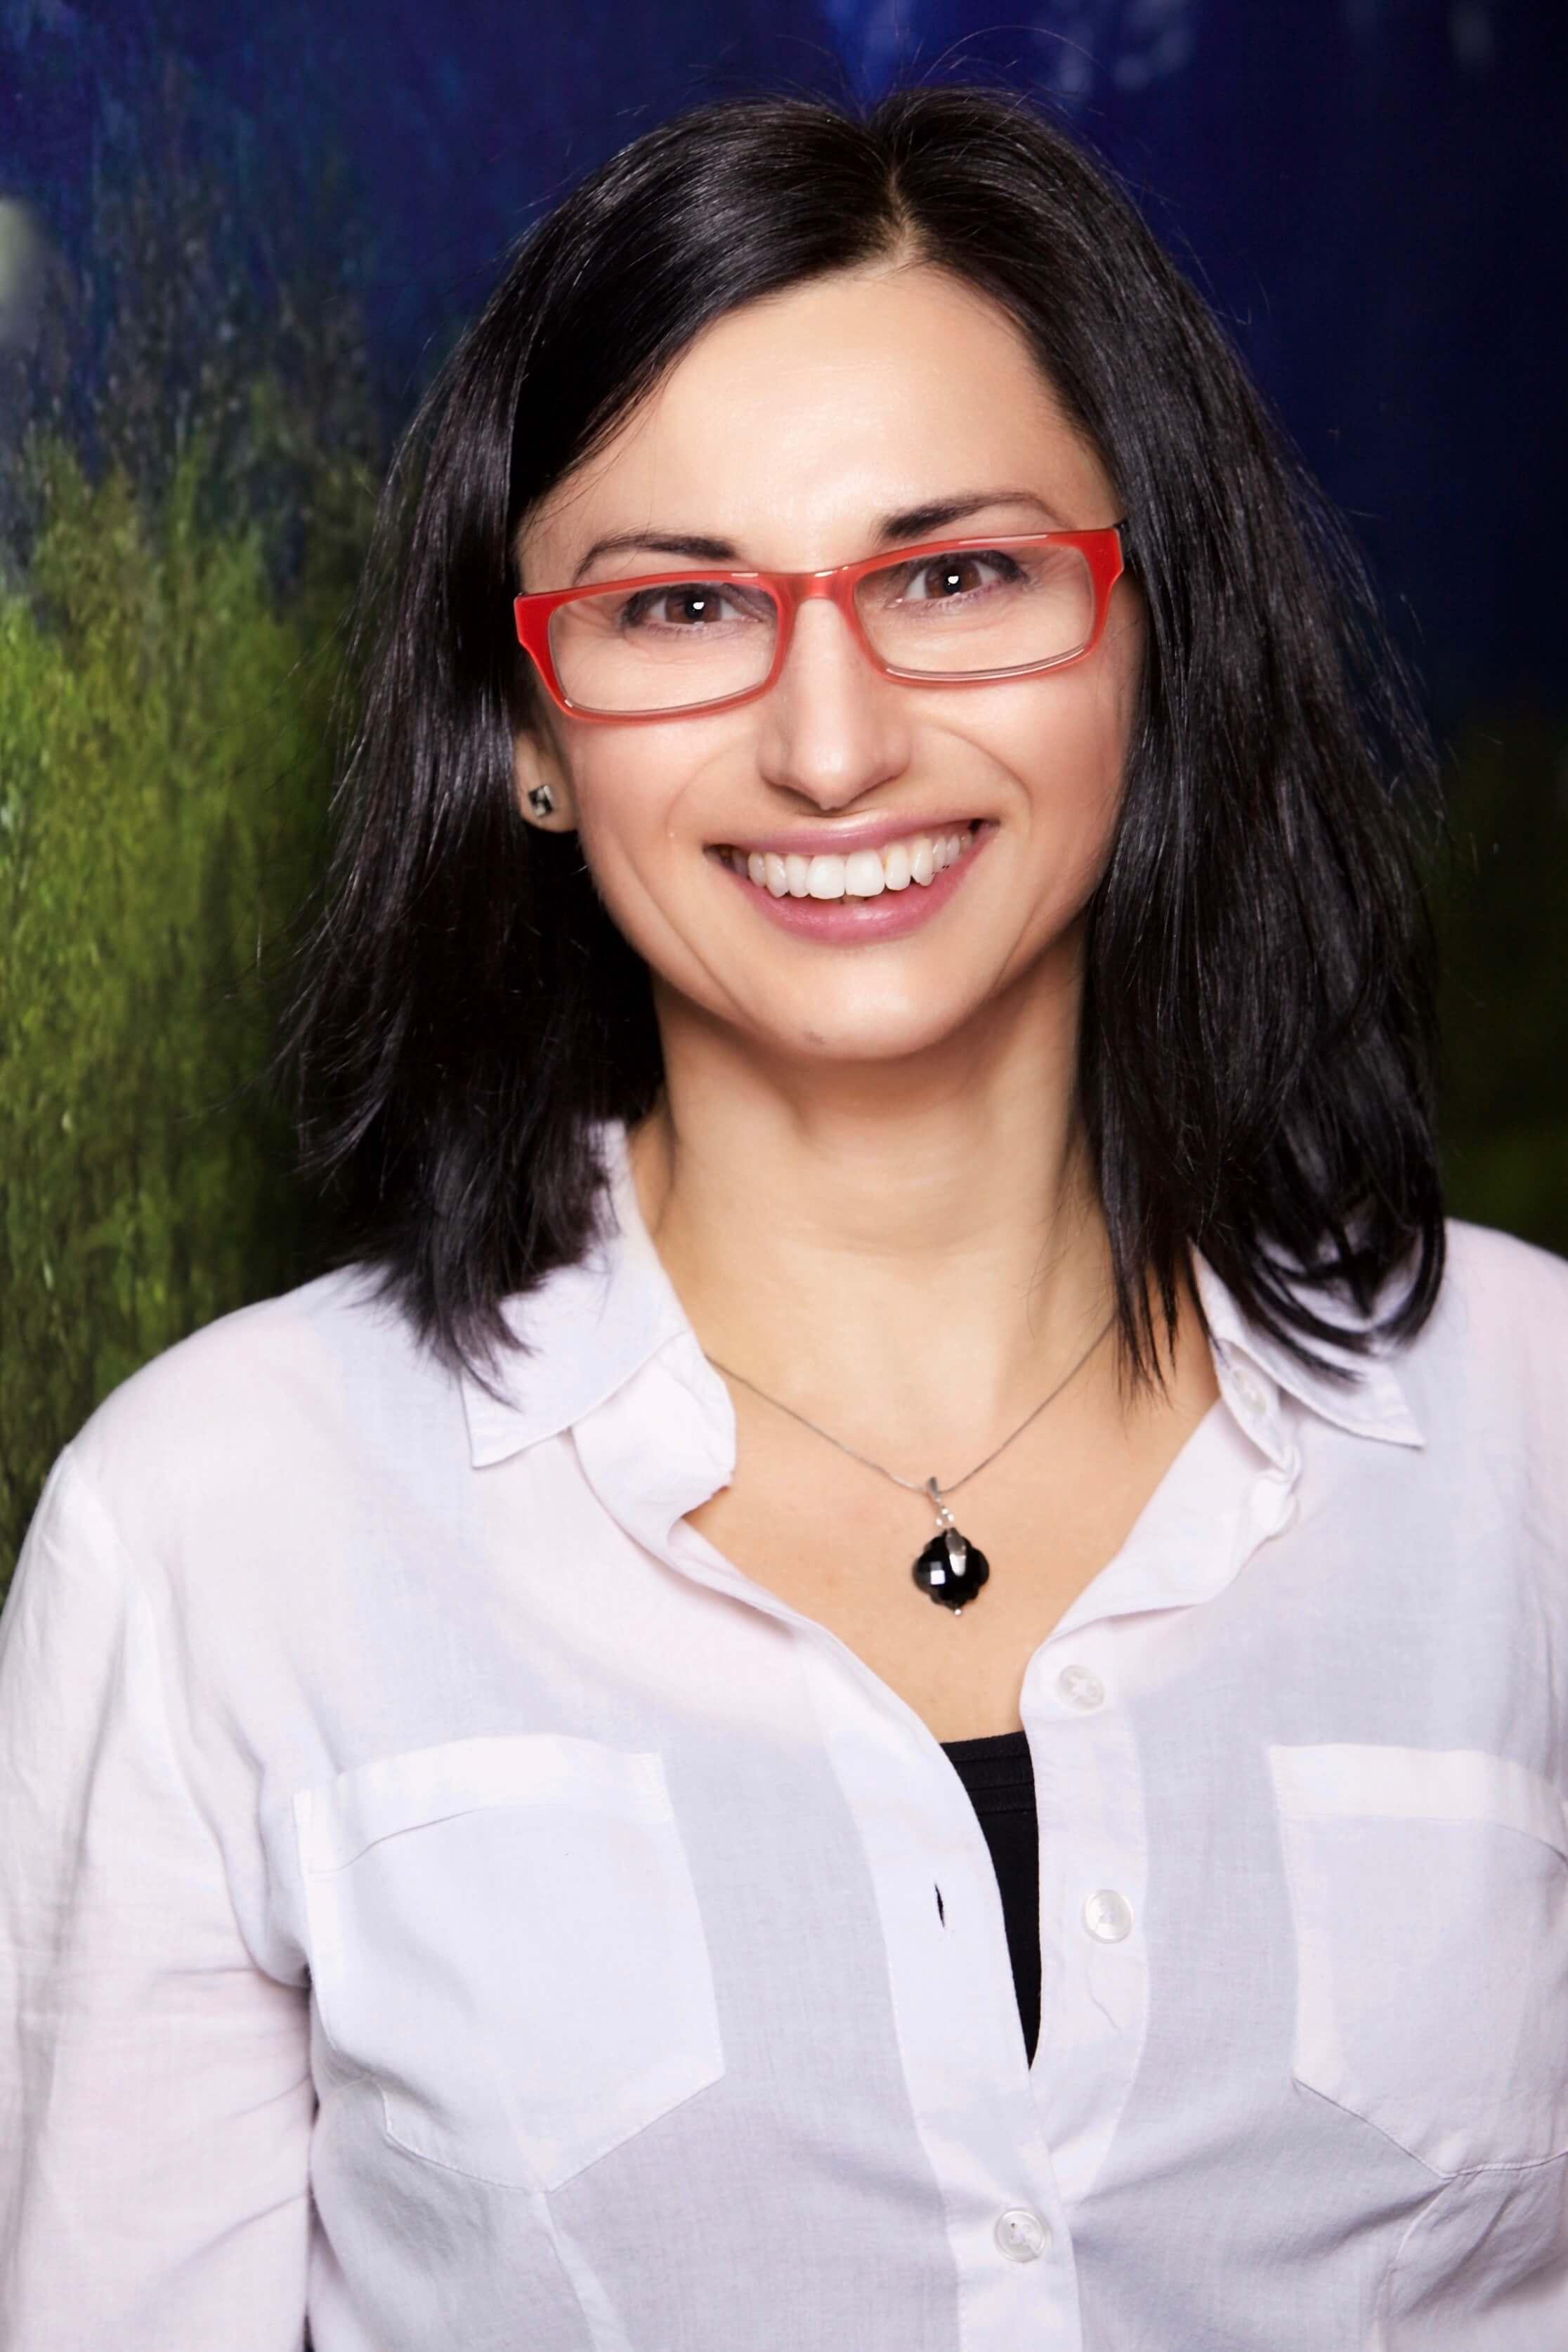 Agnieszka Grządkowska